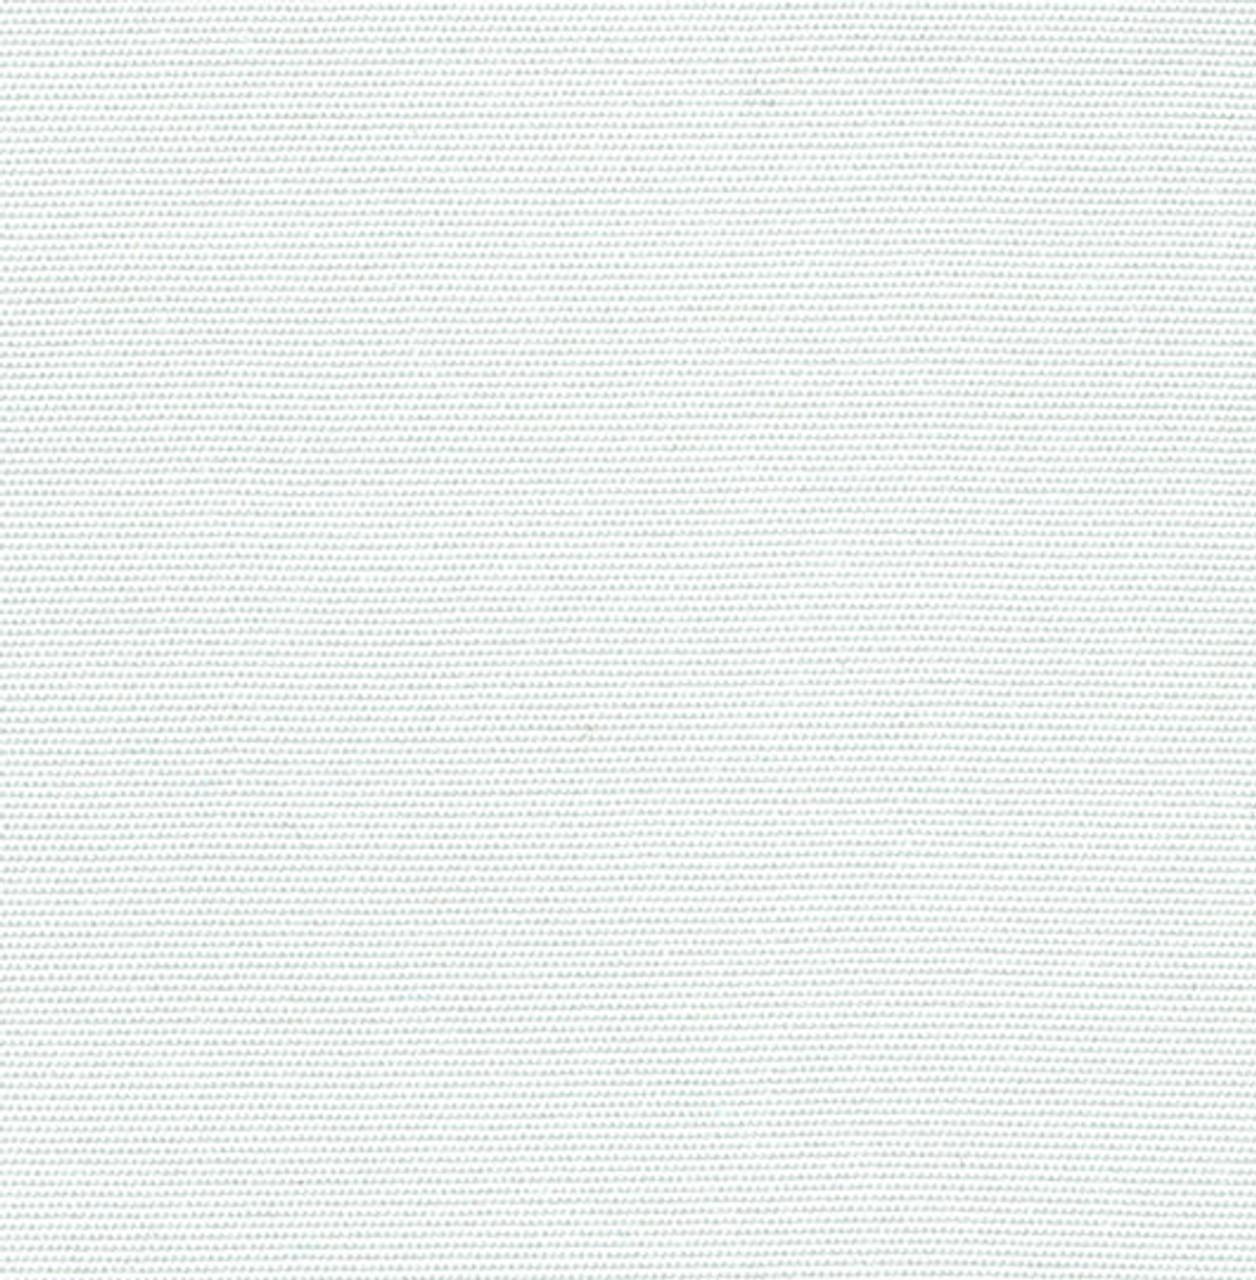 Recacril R-099 White